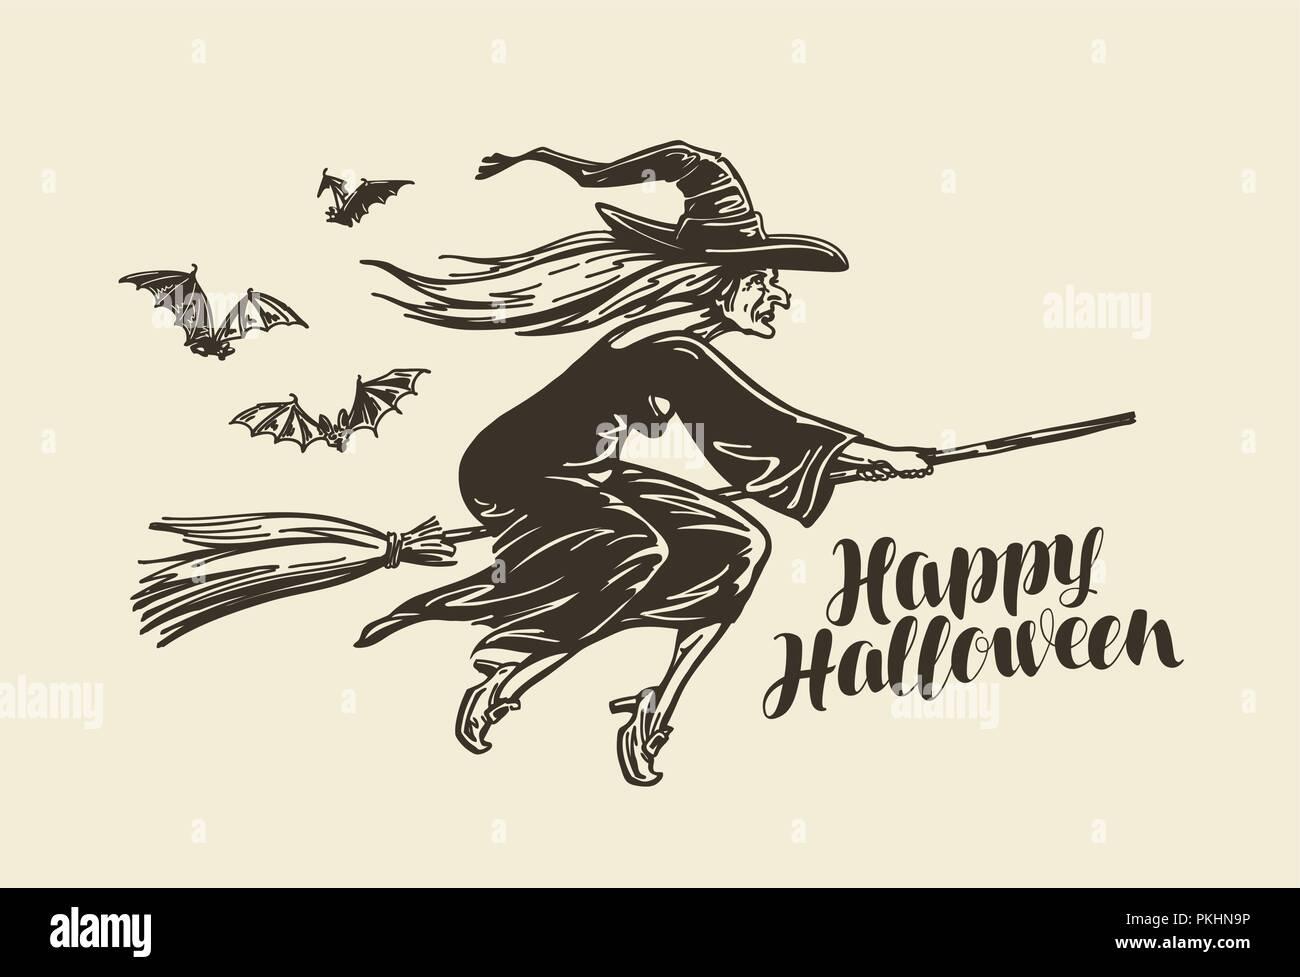 Halloween, biglietto di auguri. Vecchia strega vola sul manico. Schizzo Vintage illustrazione vettoriale Immagini Stock